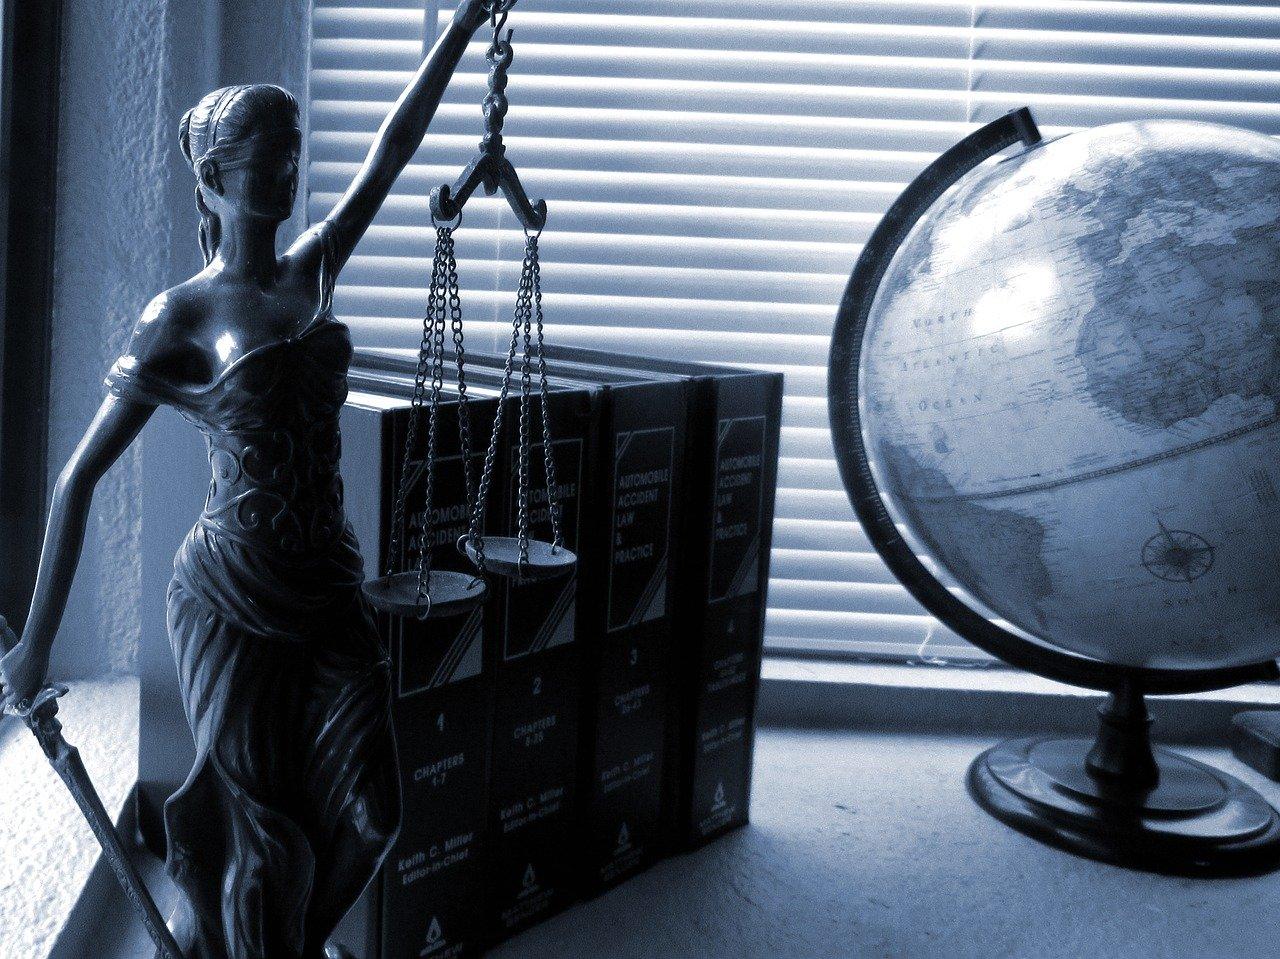 Supreme Court denies review of mandatory bar membership case